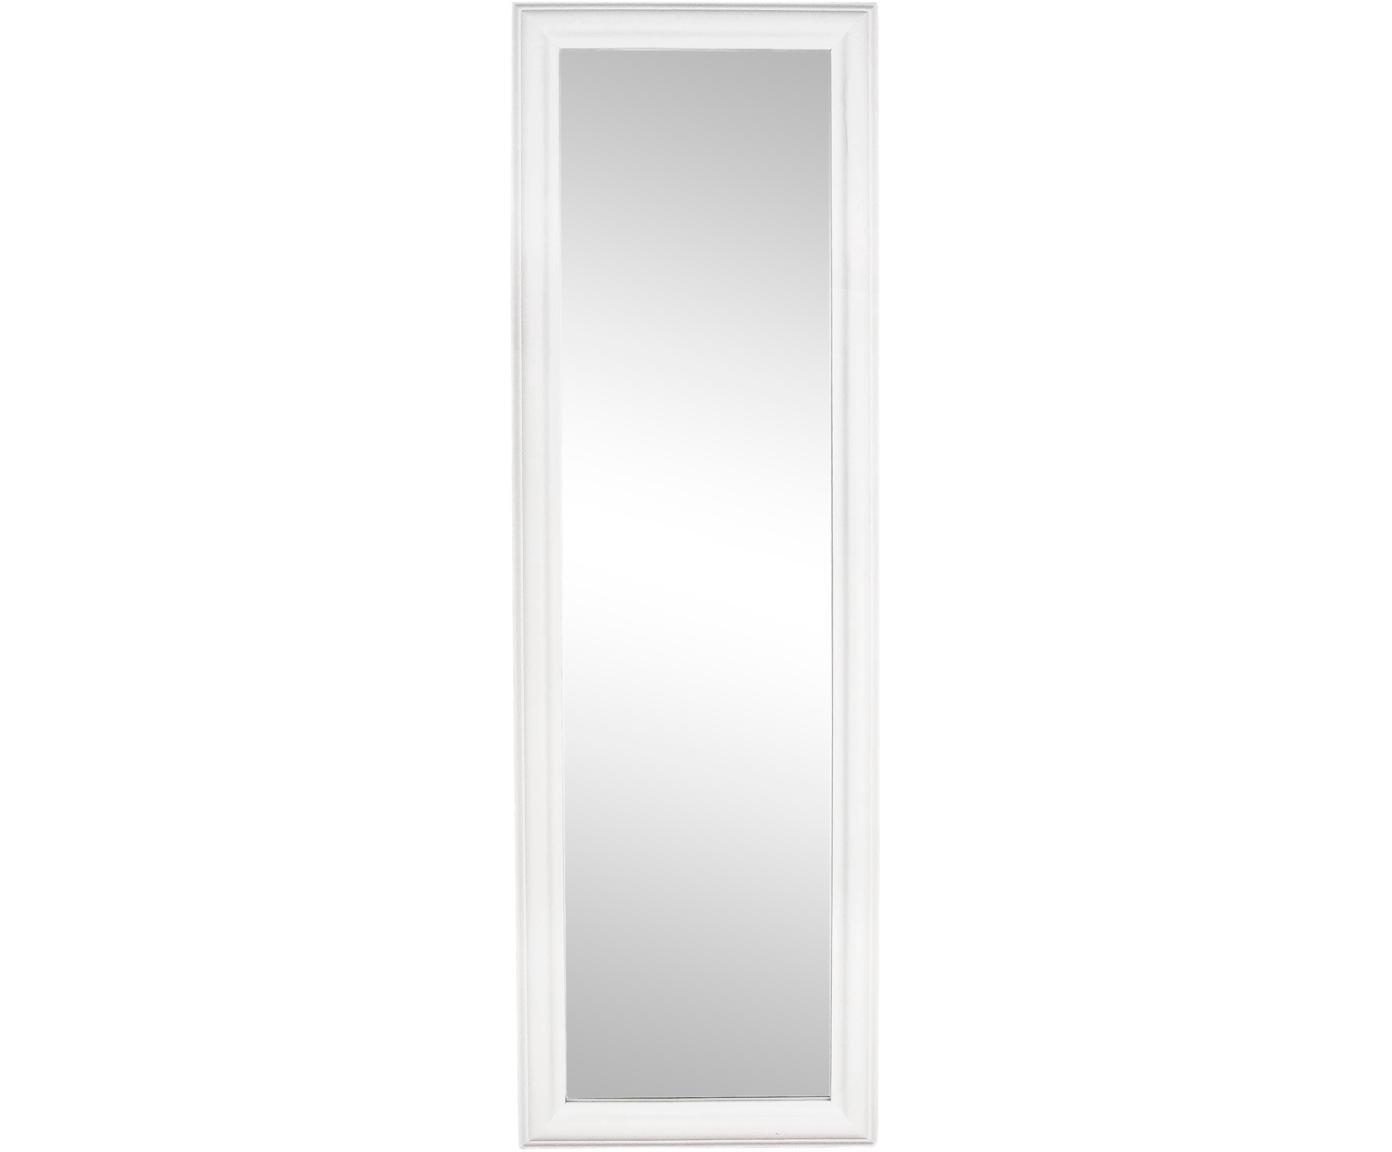 Wandspiegel Sanzio mit weißem Holzrahmen, Rahmen: Holz, beschichtet, Spiegelfläche: Spiegelglas, Weiß, 42 x 132 cm